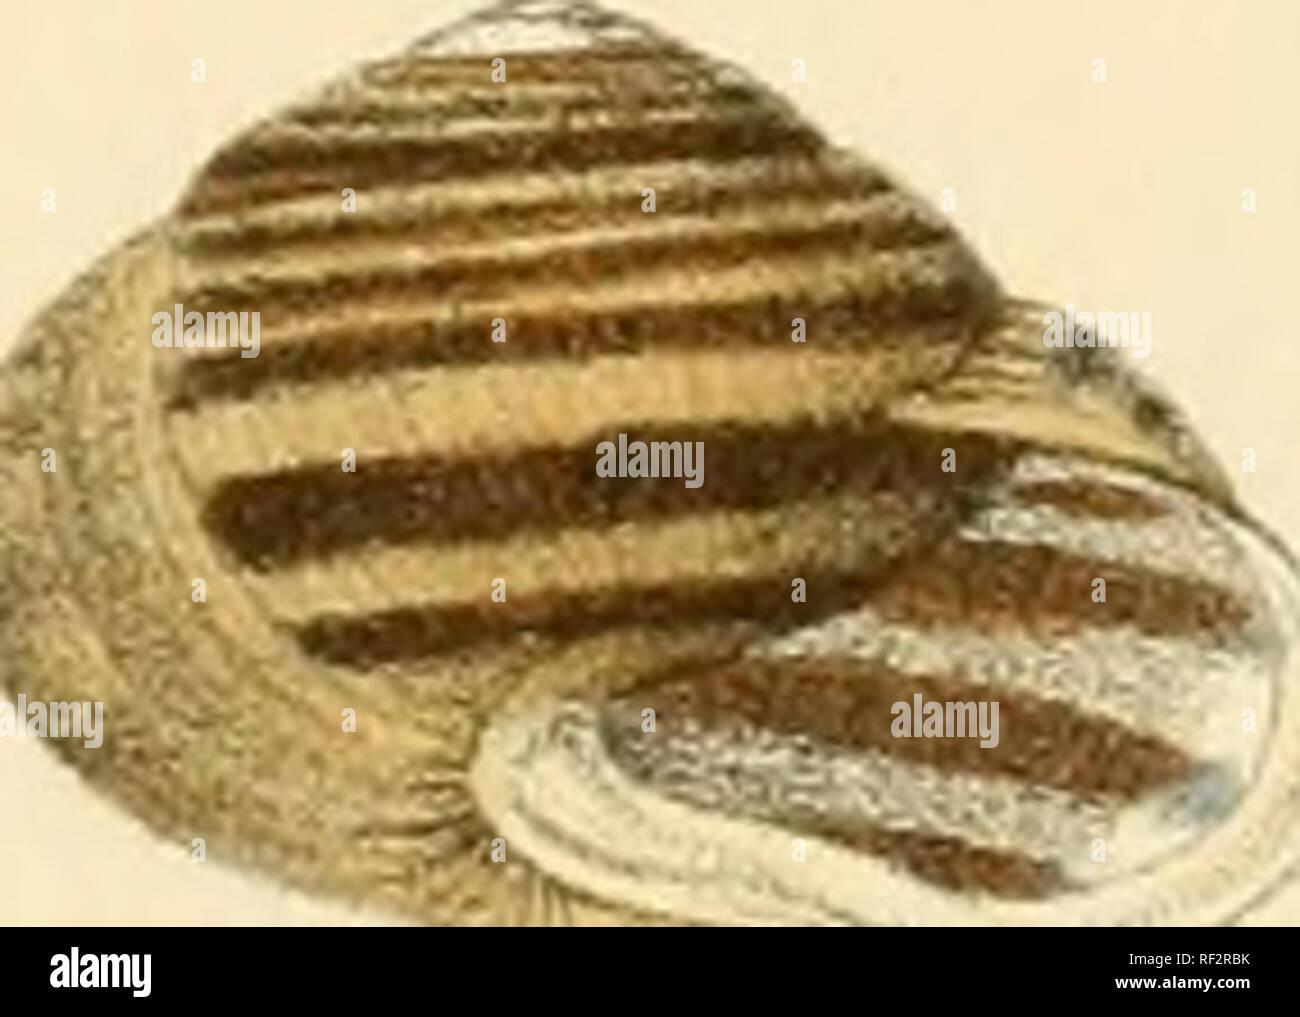 397 stock photos \u0026 397 stock images page 12 alamycatalogo iconografico y descriptivo de los moluscos terrestres de españa, portugal y las baleares